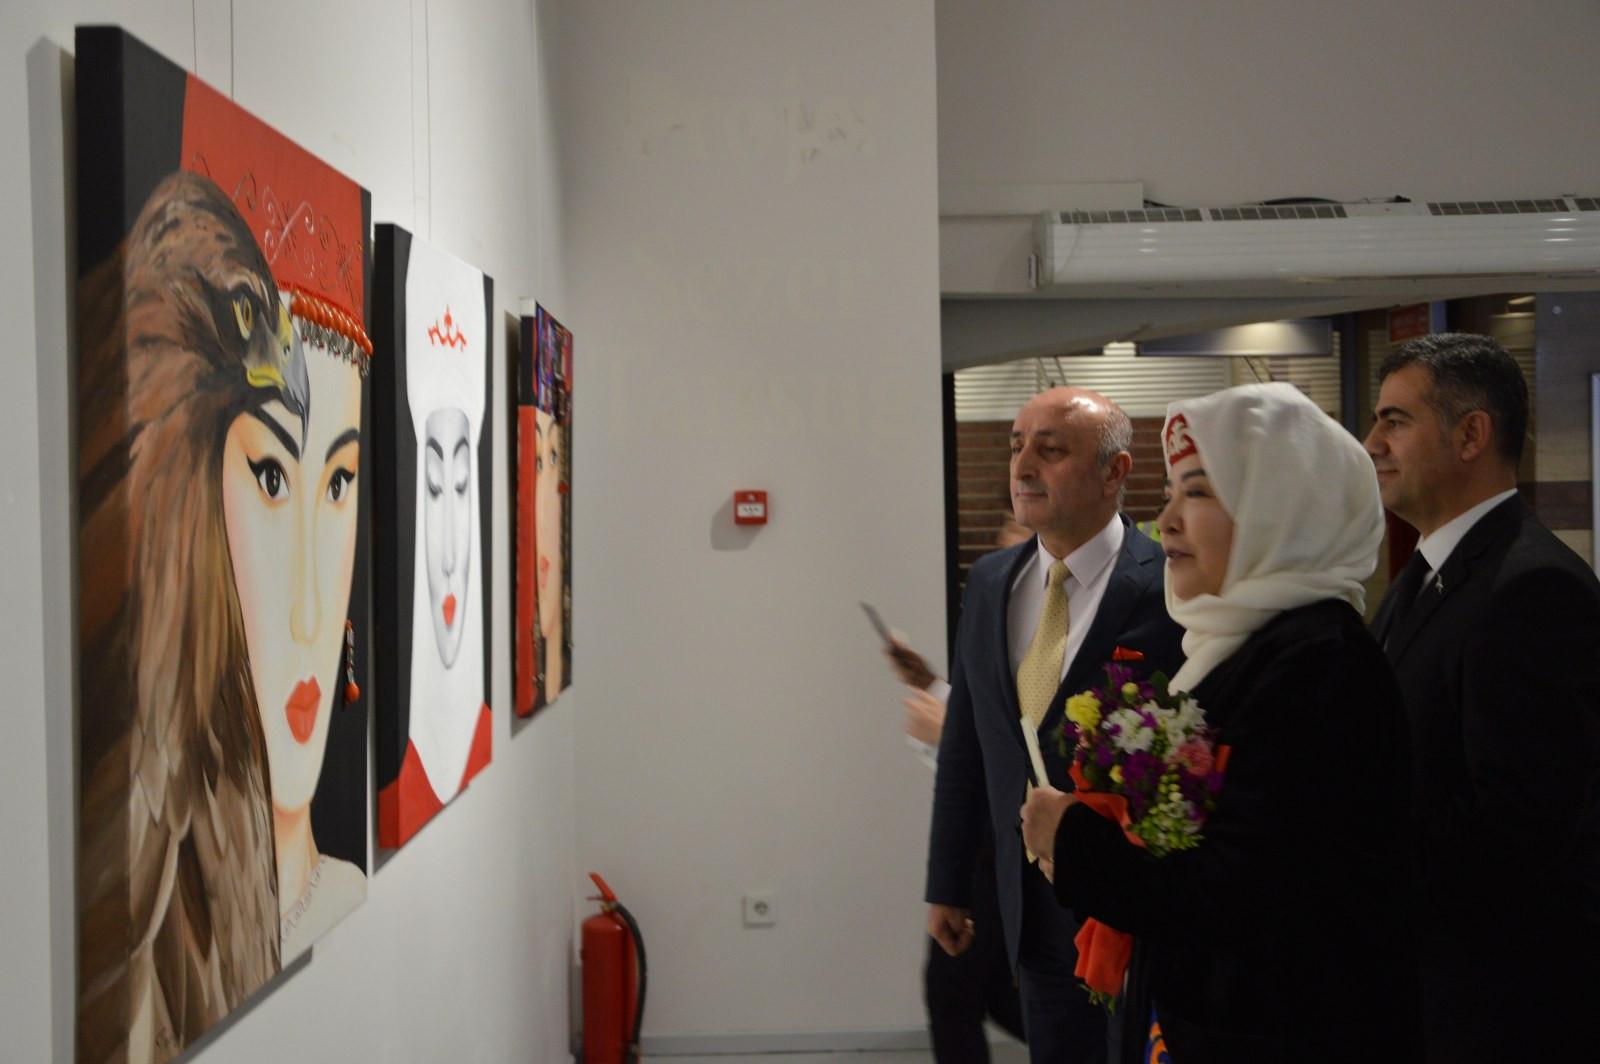 Türk Dünyasından Kadın Sanatçılar İstanbul'da Buluştu Galeri - 5. Resim